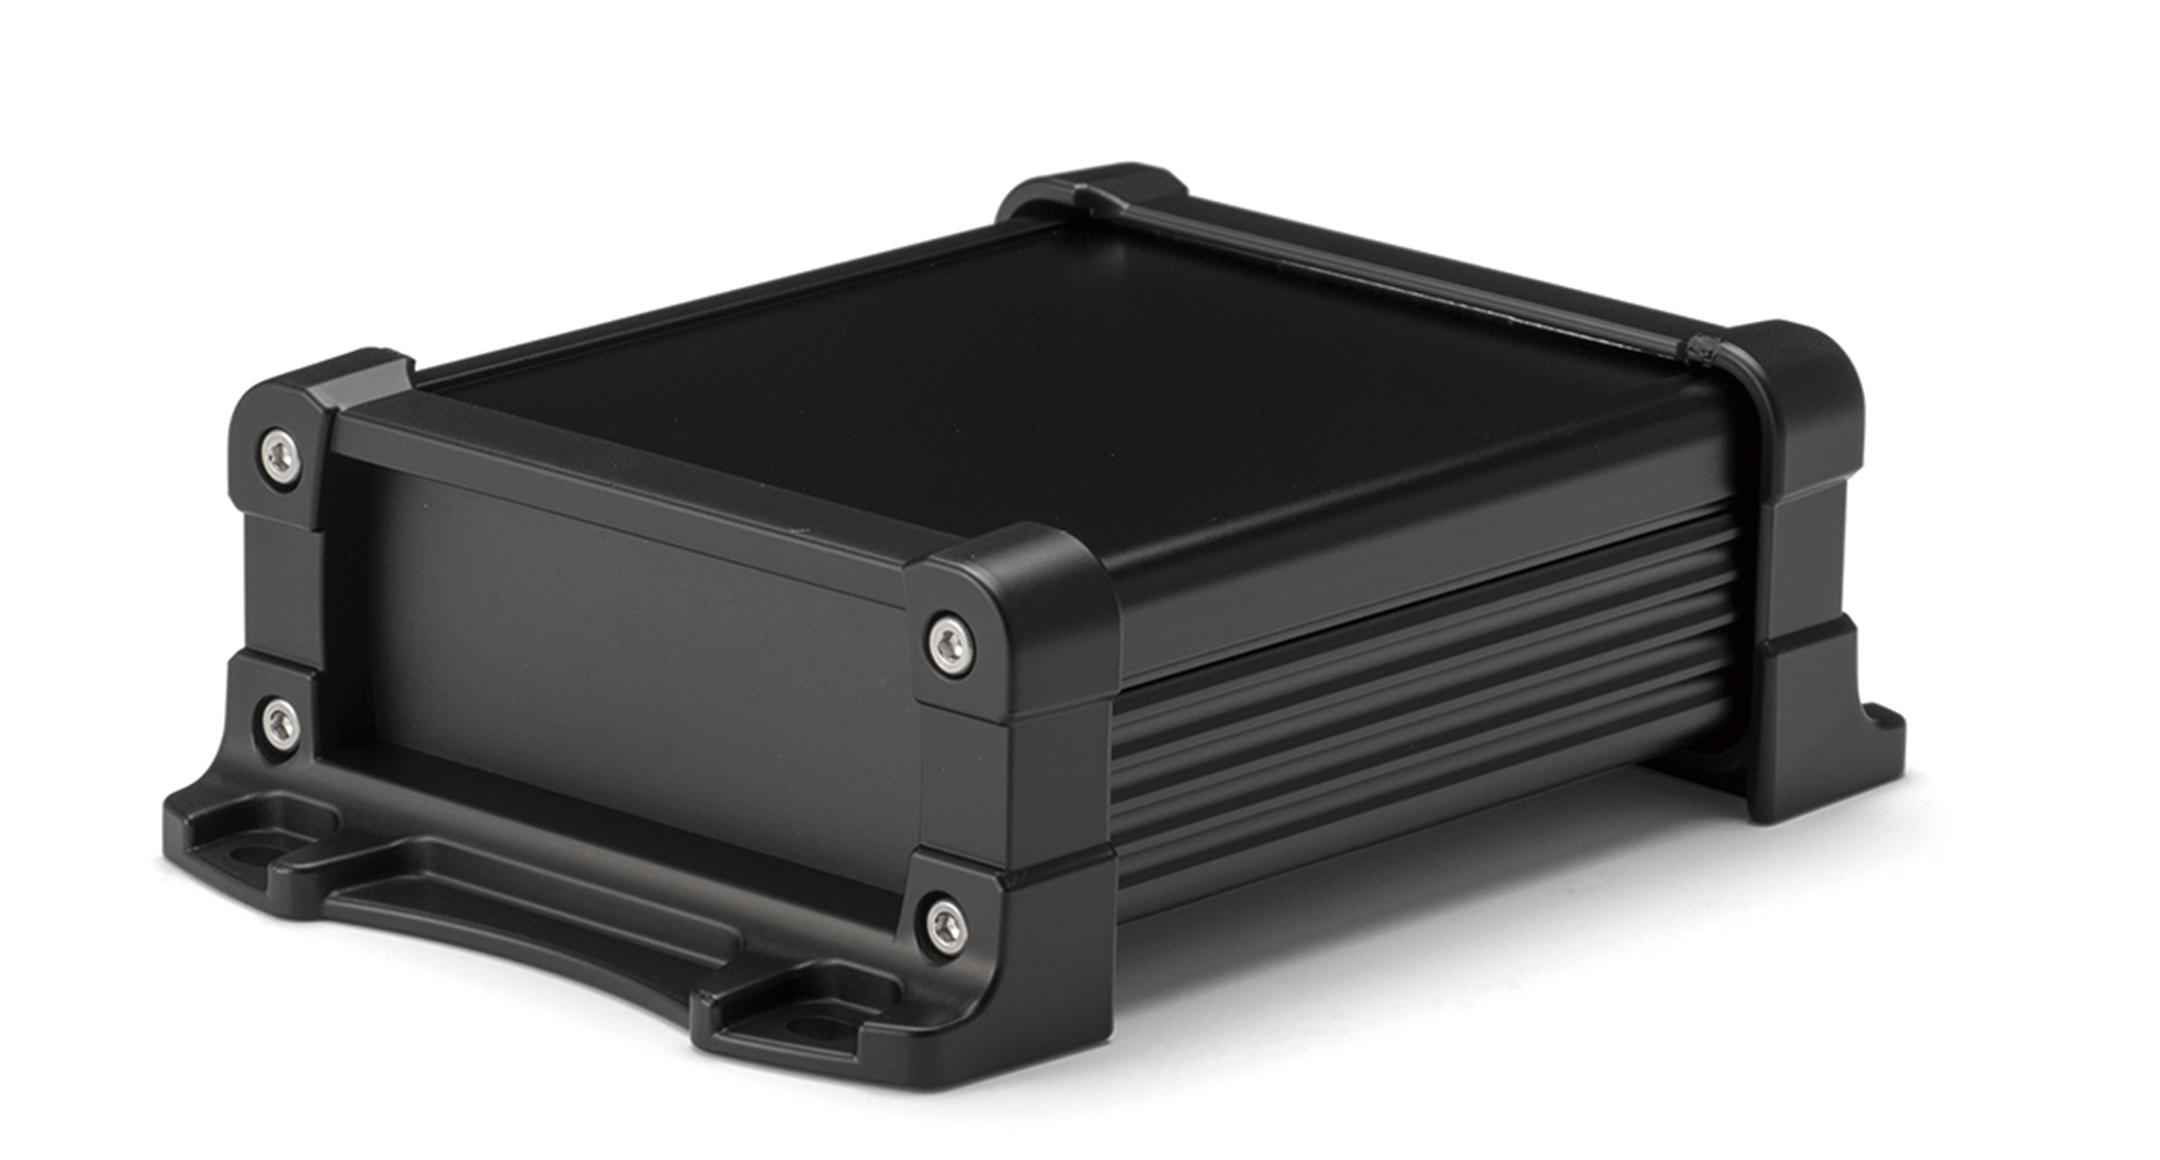 フランジ足付フリーサイズアルミケース EXPFSシリーズ:ブラック/ブラックの画像